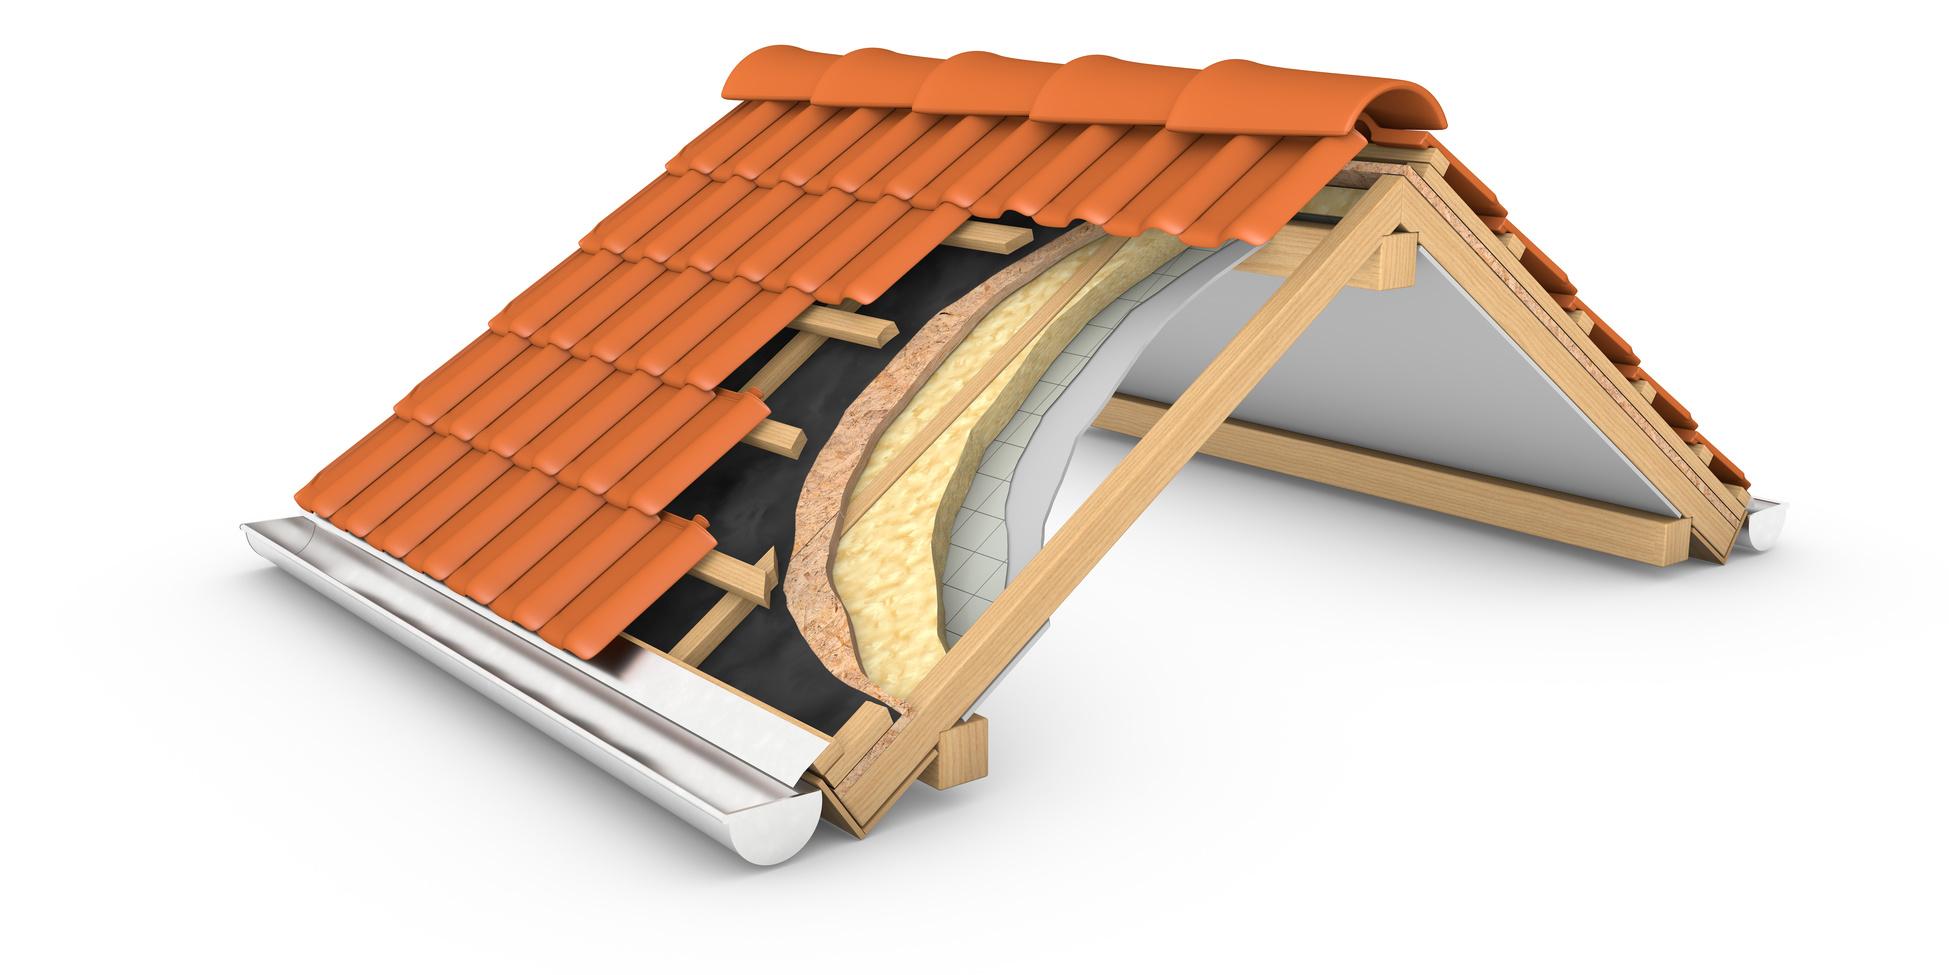 elementy-konstrukcji-dachu-stromego